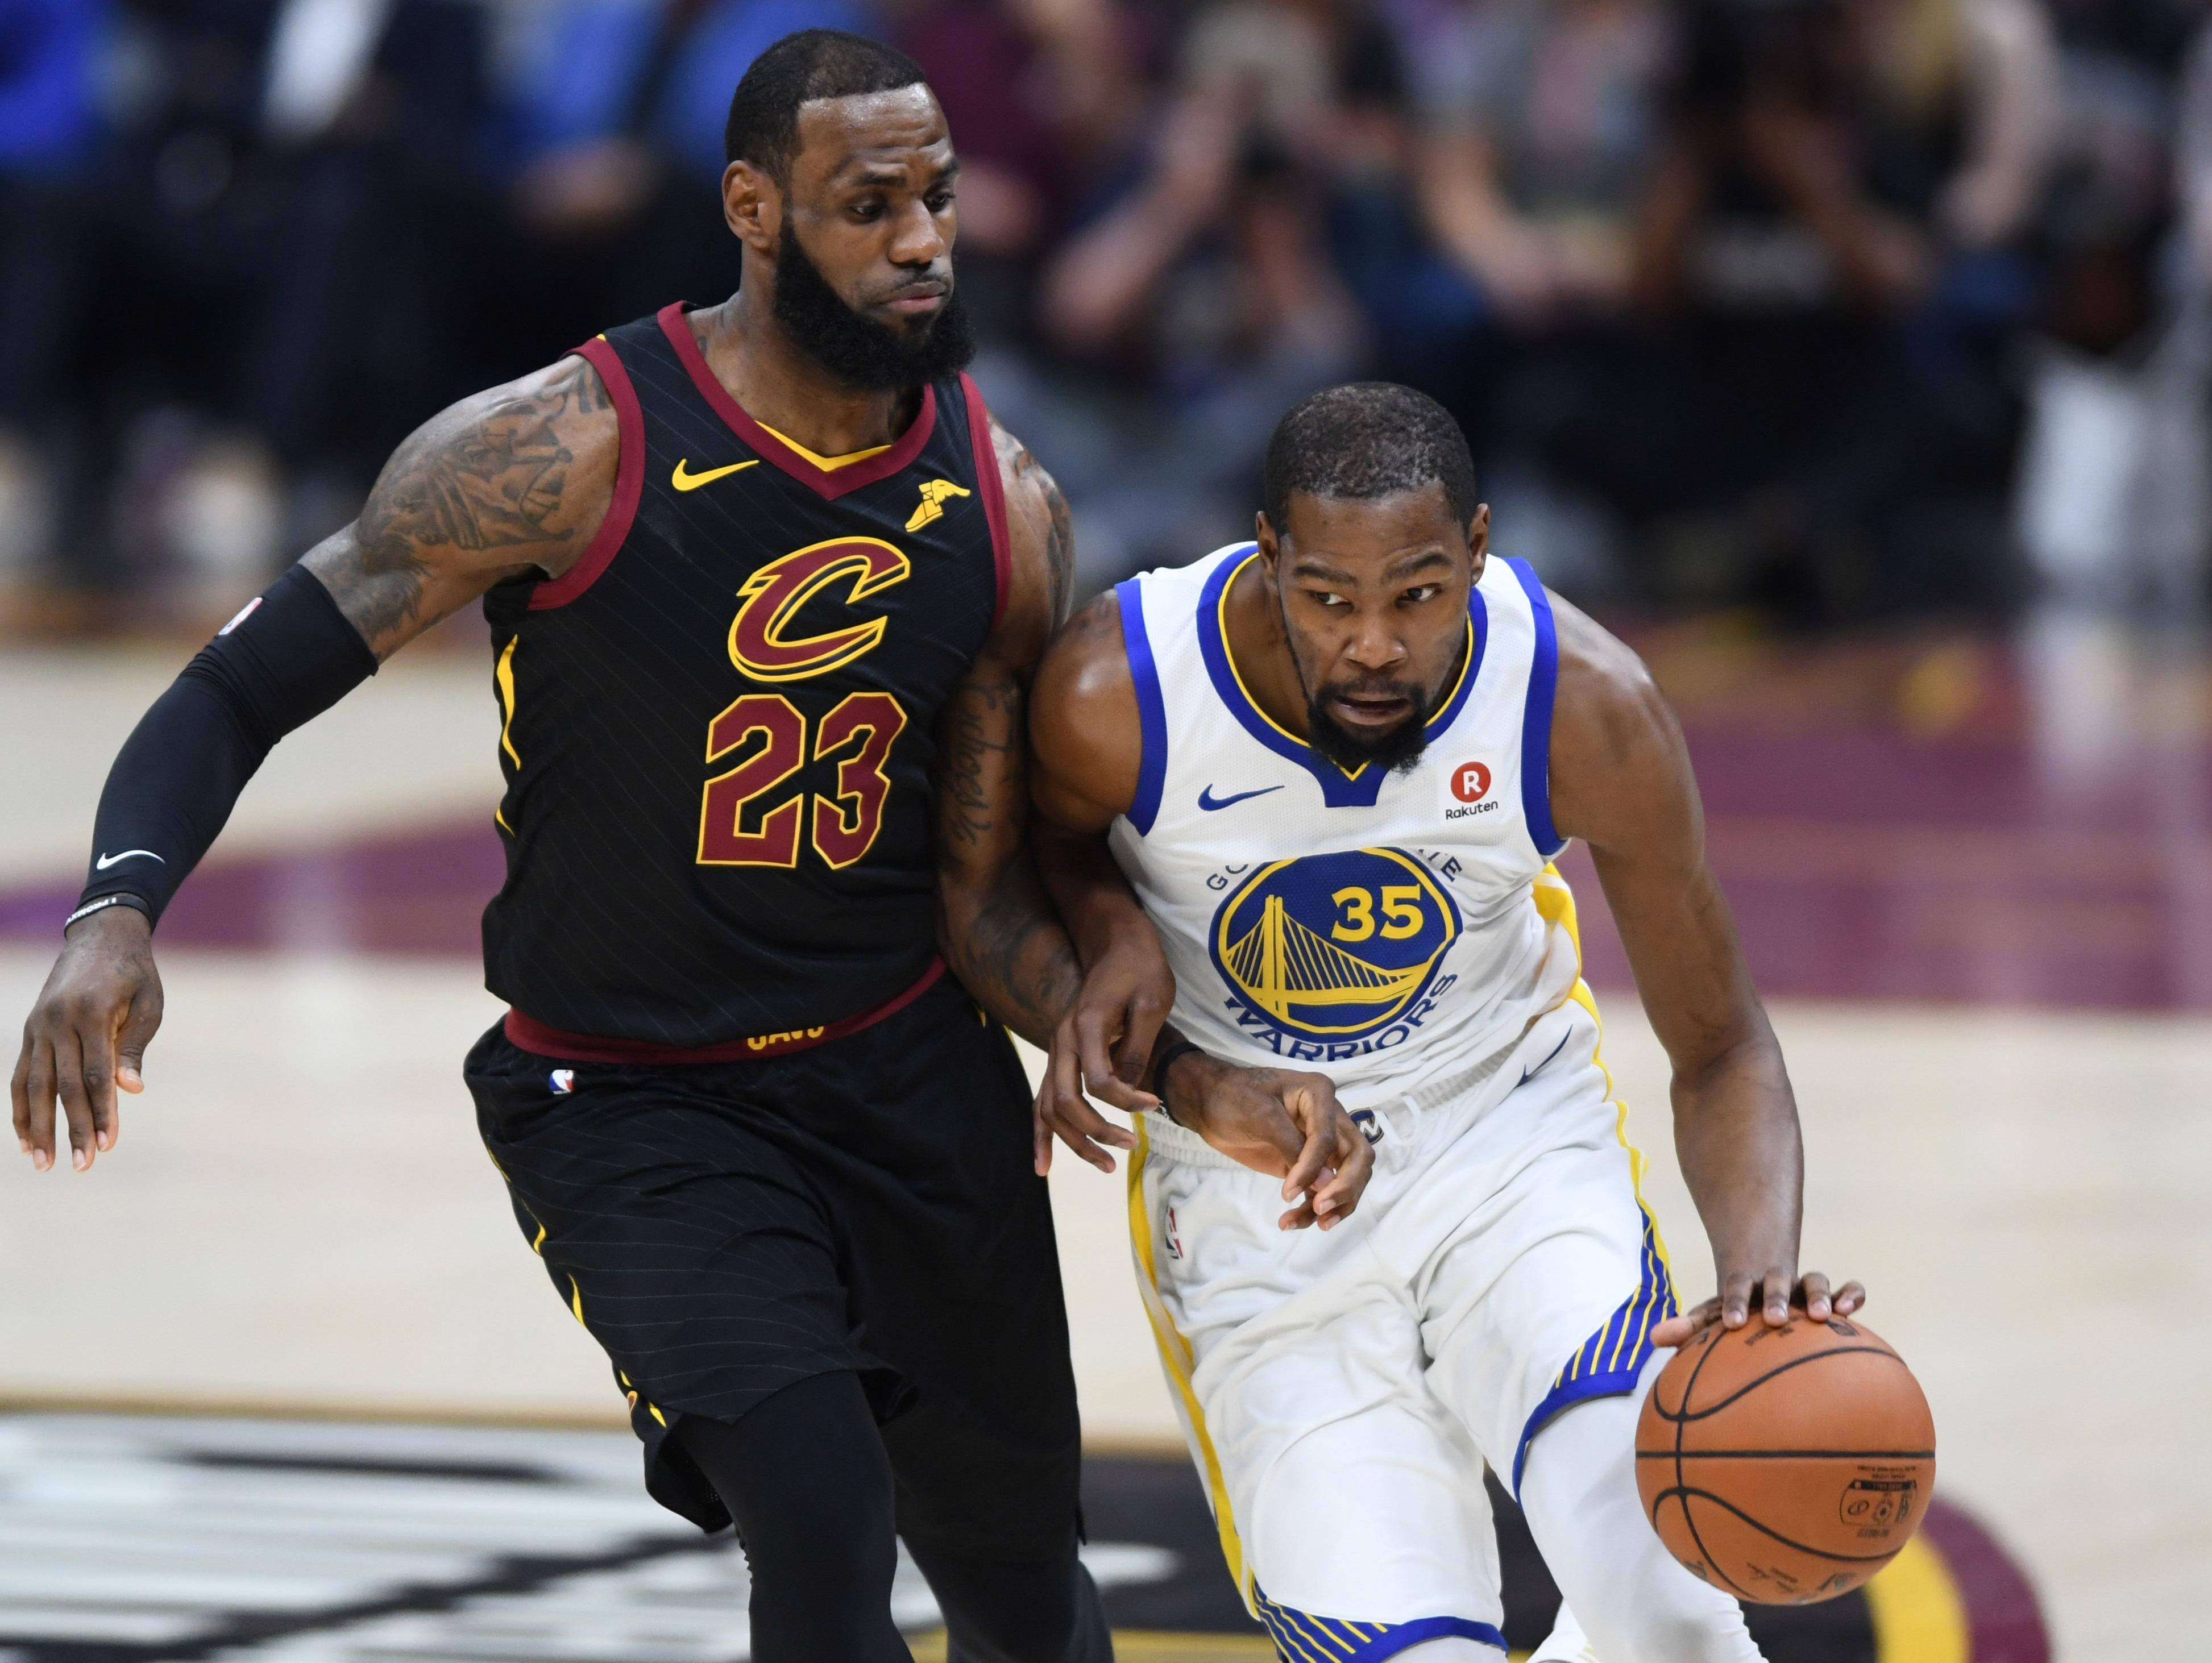 דירוג שחקני ה-NBA: לברון שוב במקום הראשון, דוראנט רק רביעי